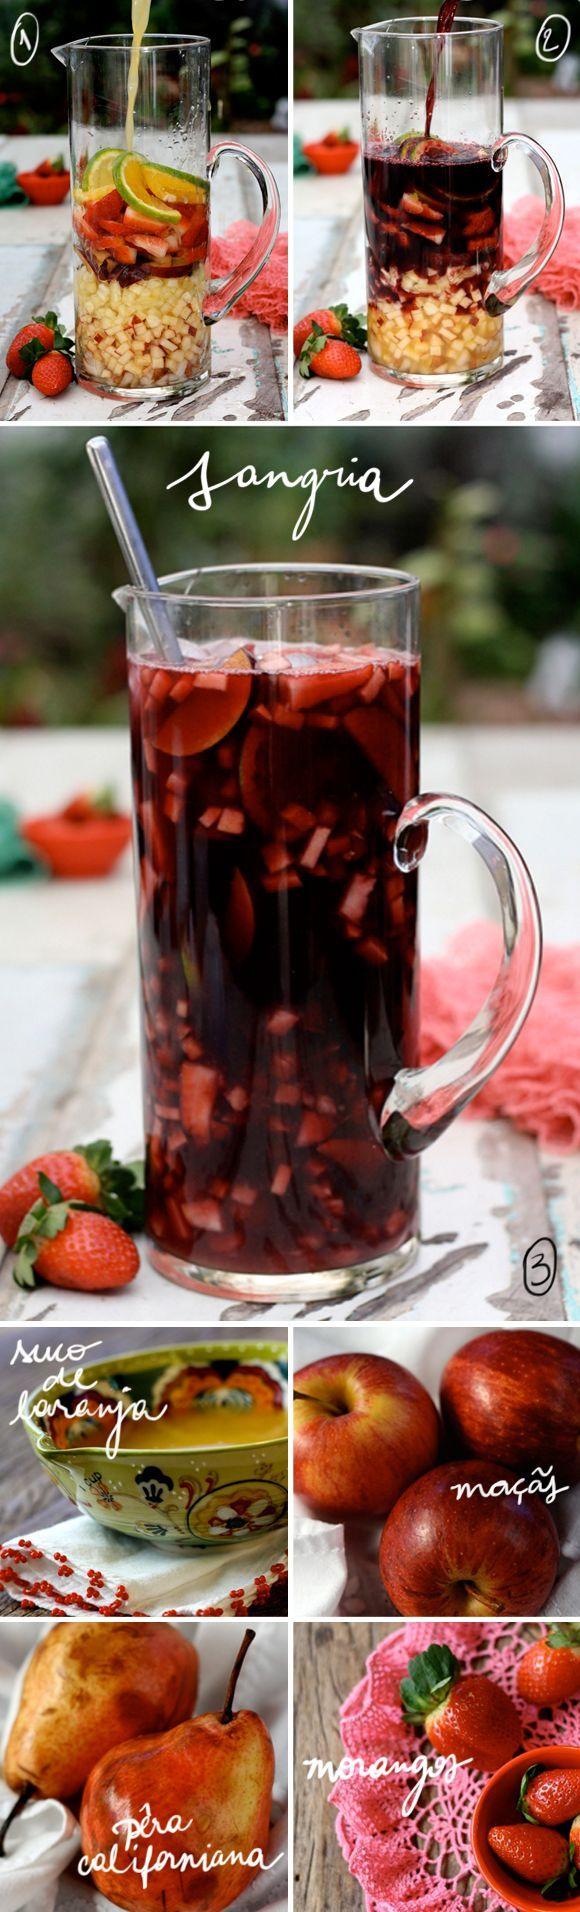 Vira e mexe fazemos sangria aqui em casa - uma de nossas bebidas favoritas, perfeita para acompanhar um fim de tarde no jardim. Boa pedida para o feriadão!